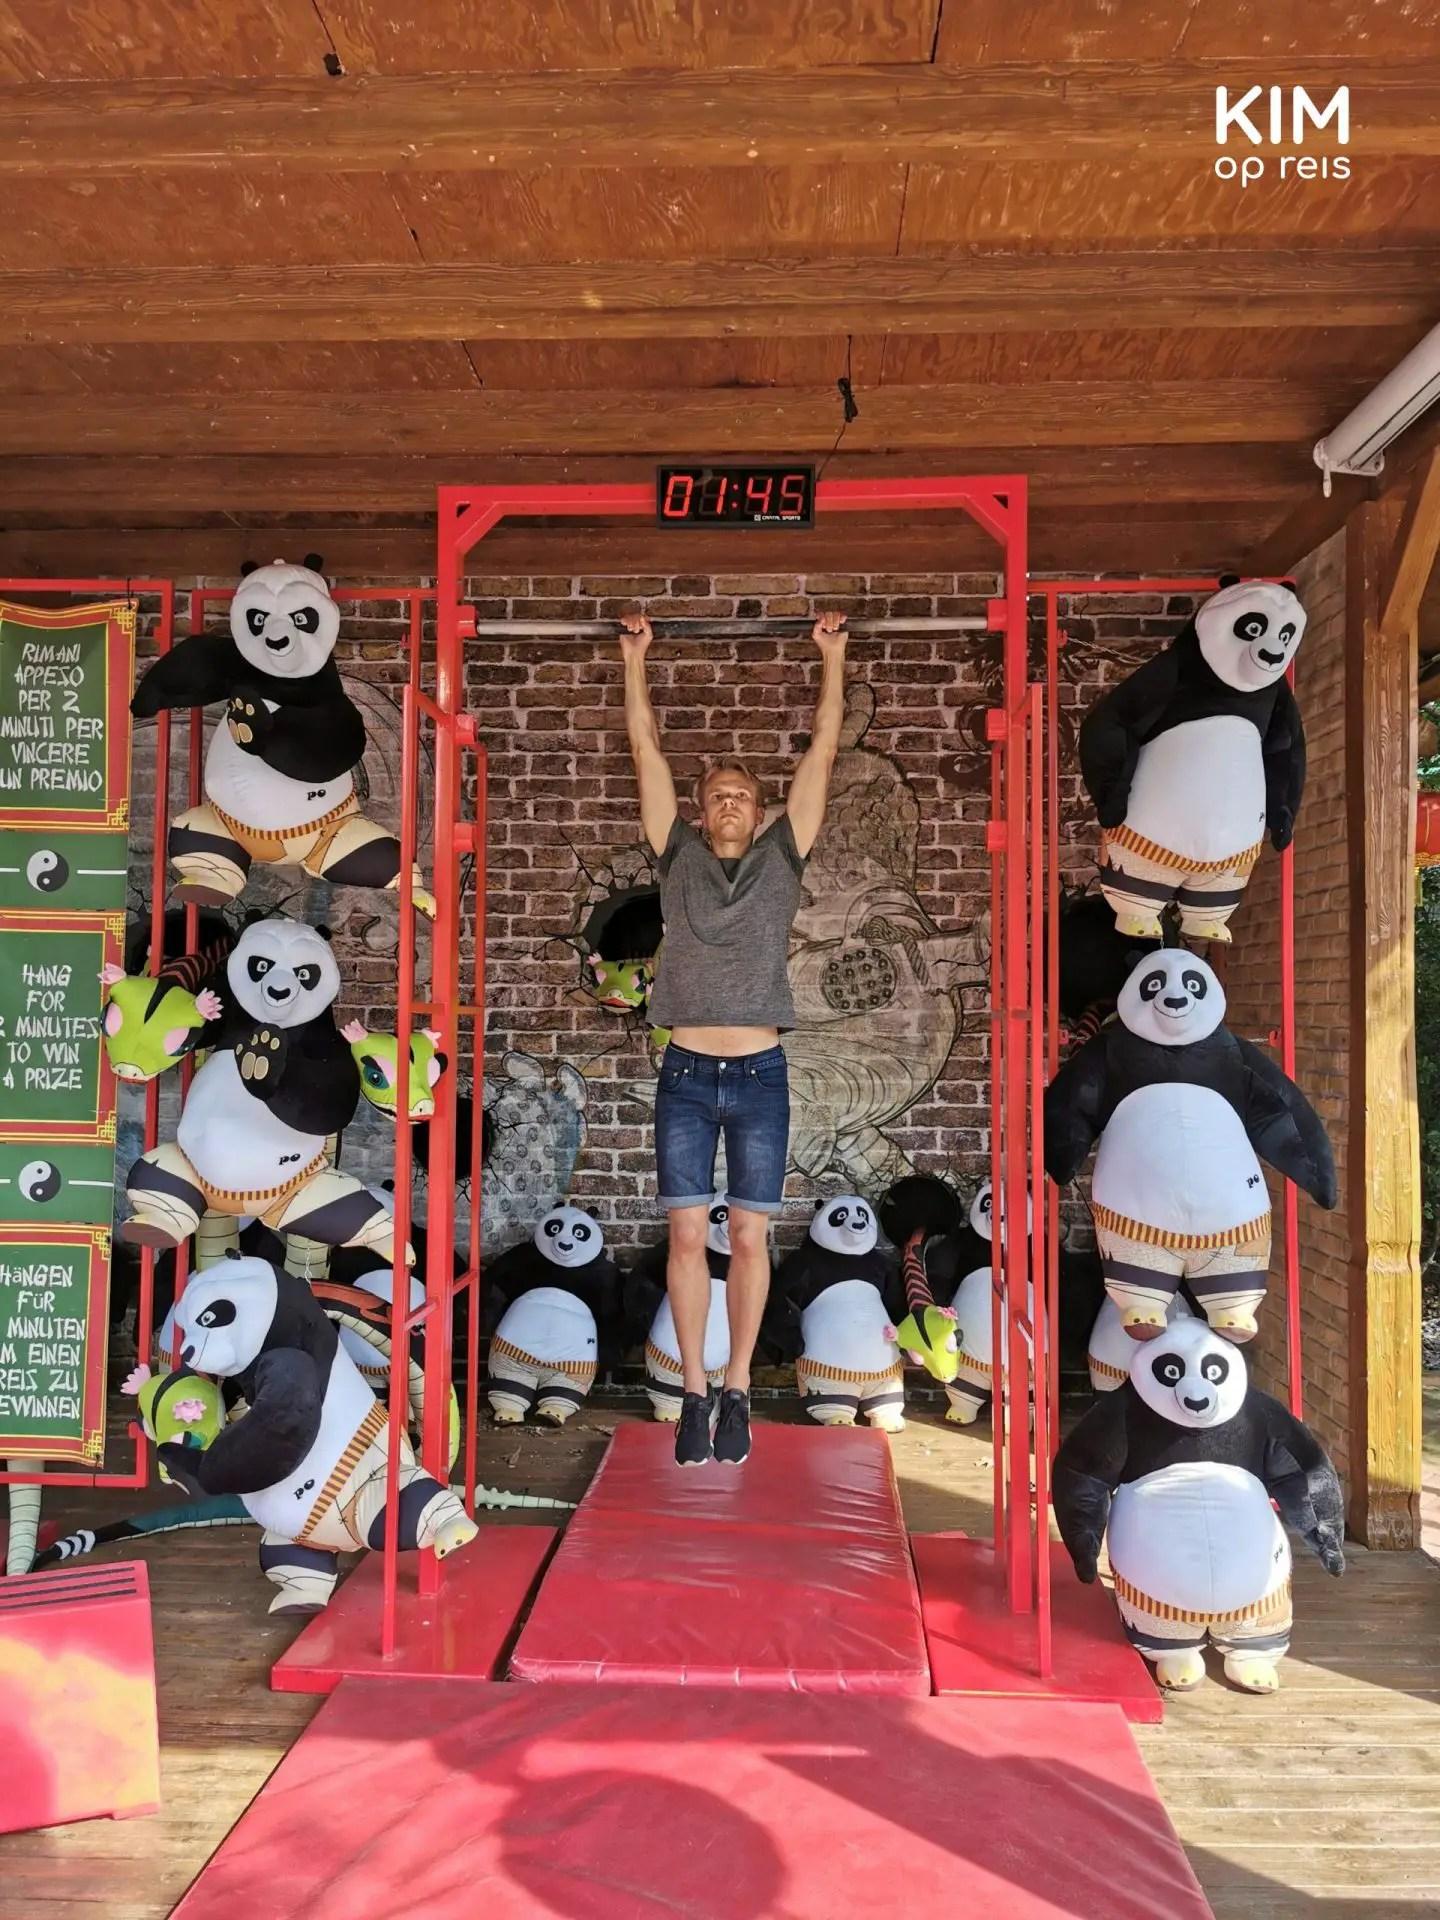 Gardaland spelletjes - man hangt aan ijzeren stang om een pandabeer te winnen